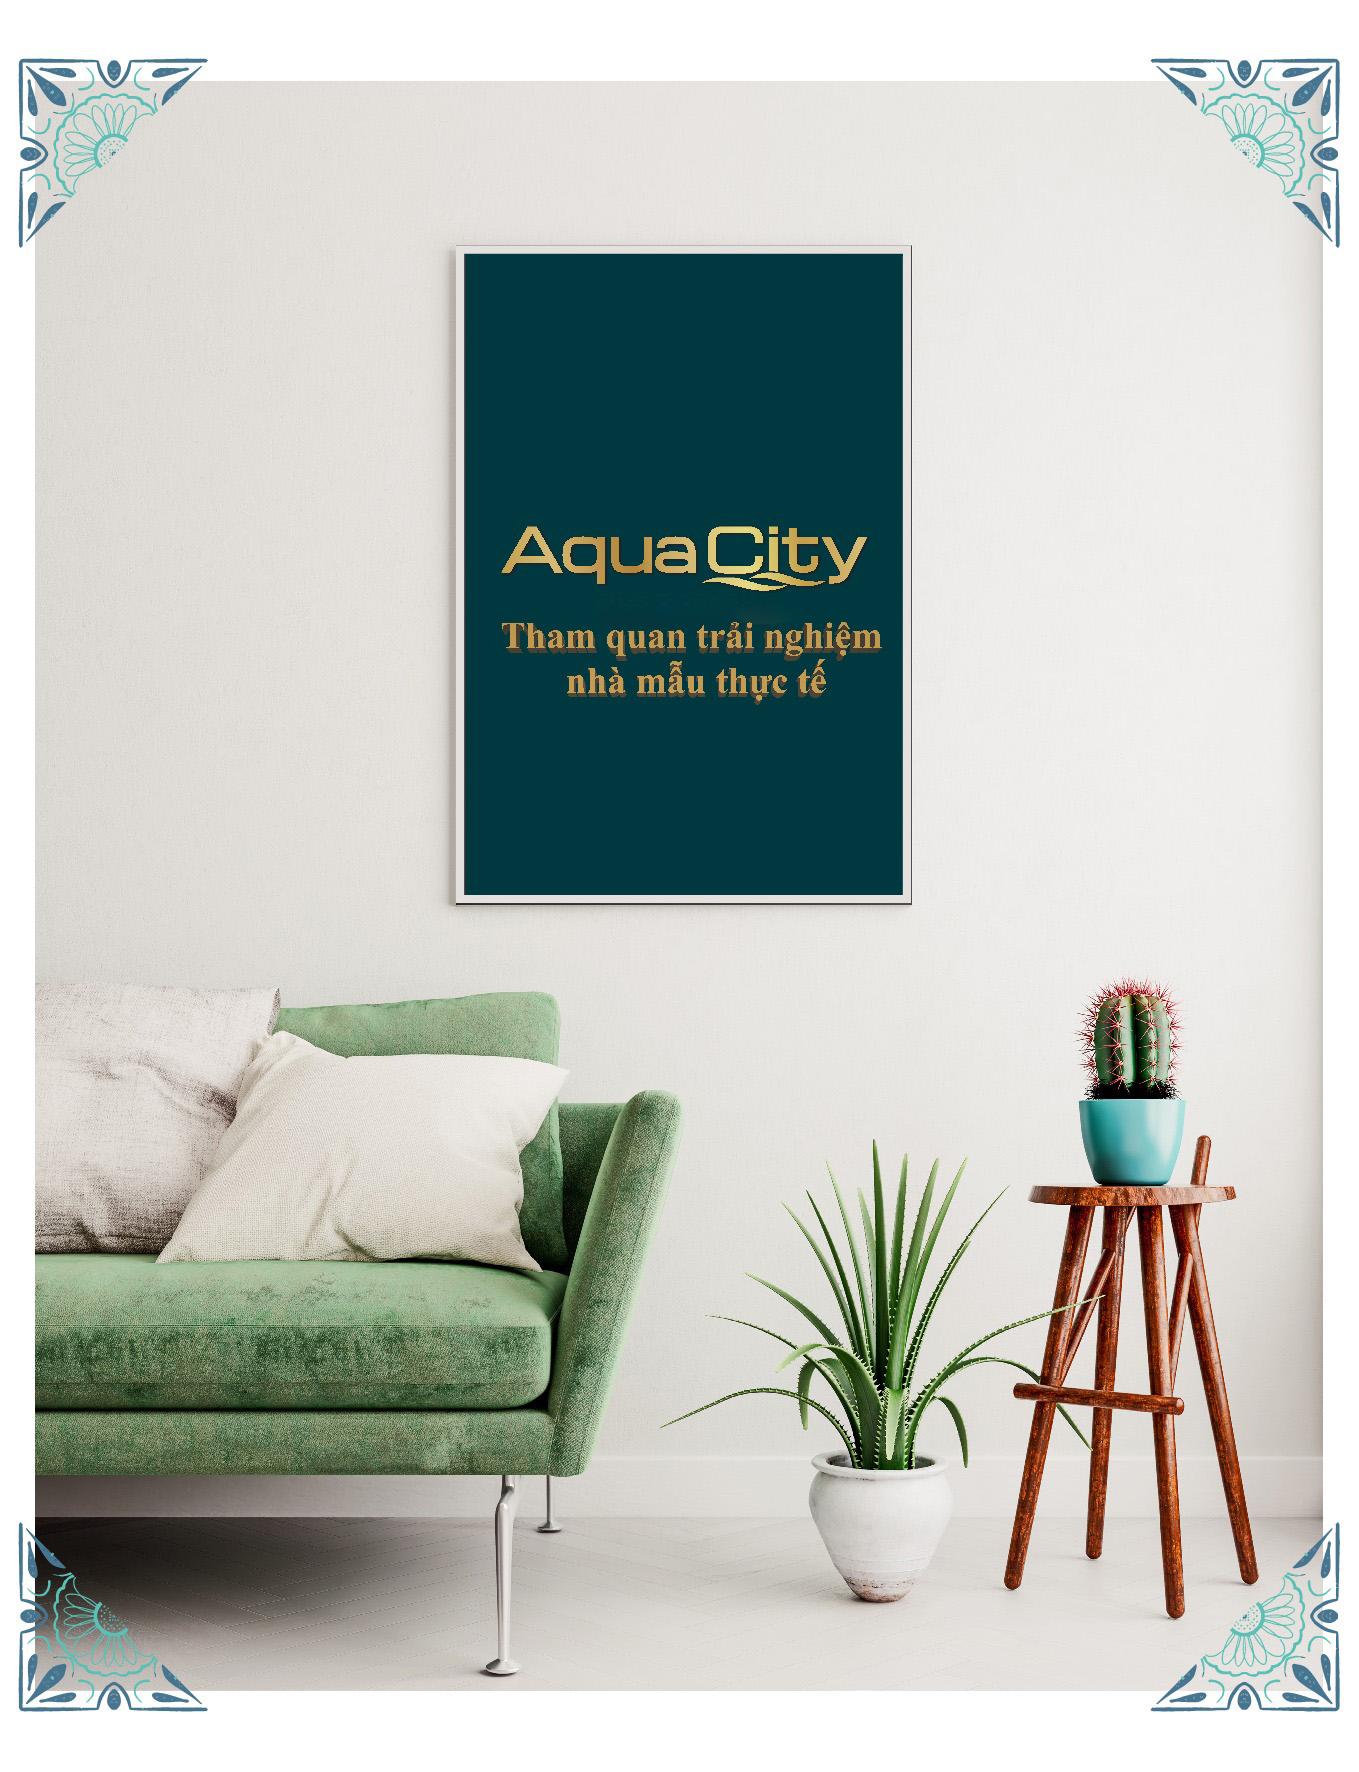 Aqua City Đồng Nai tham quan – Trải nghiệm nhà mẫu